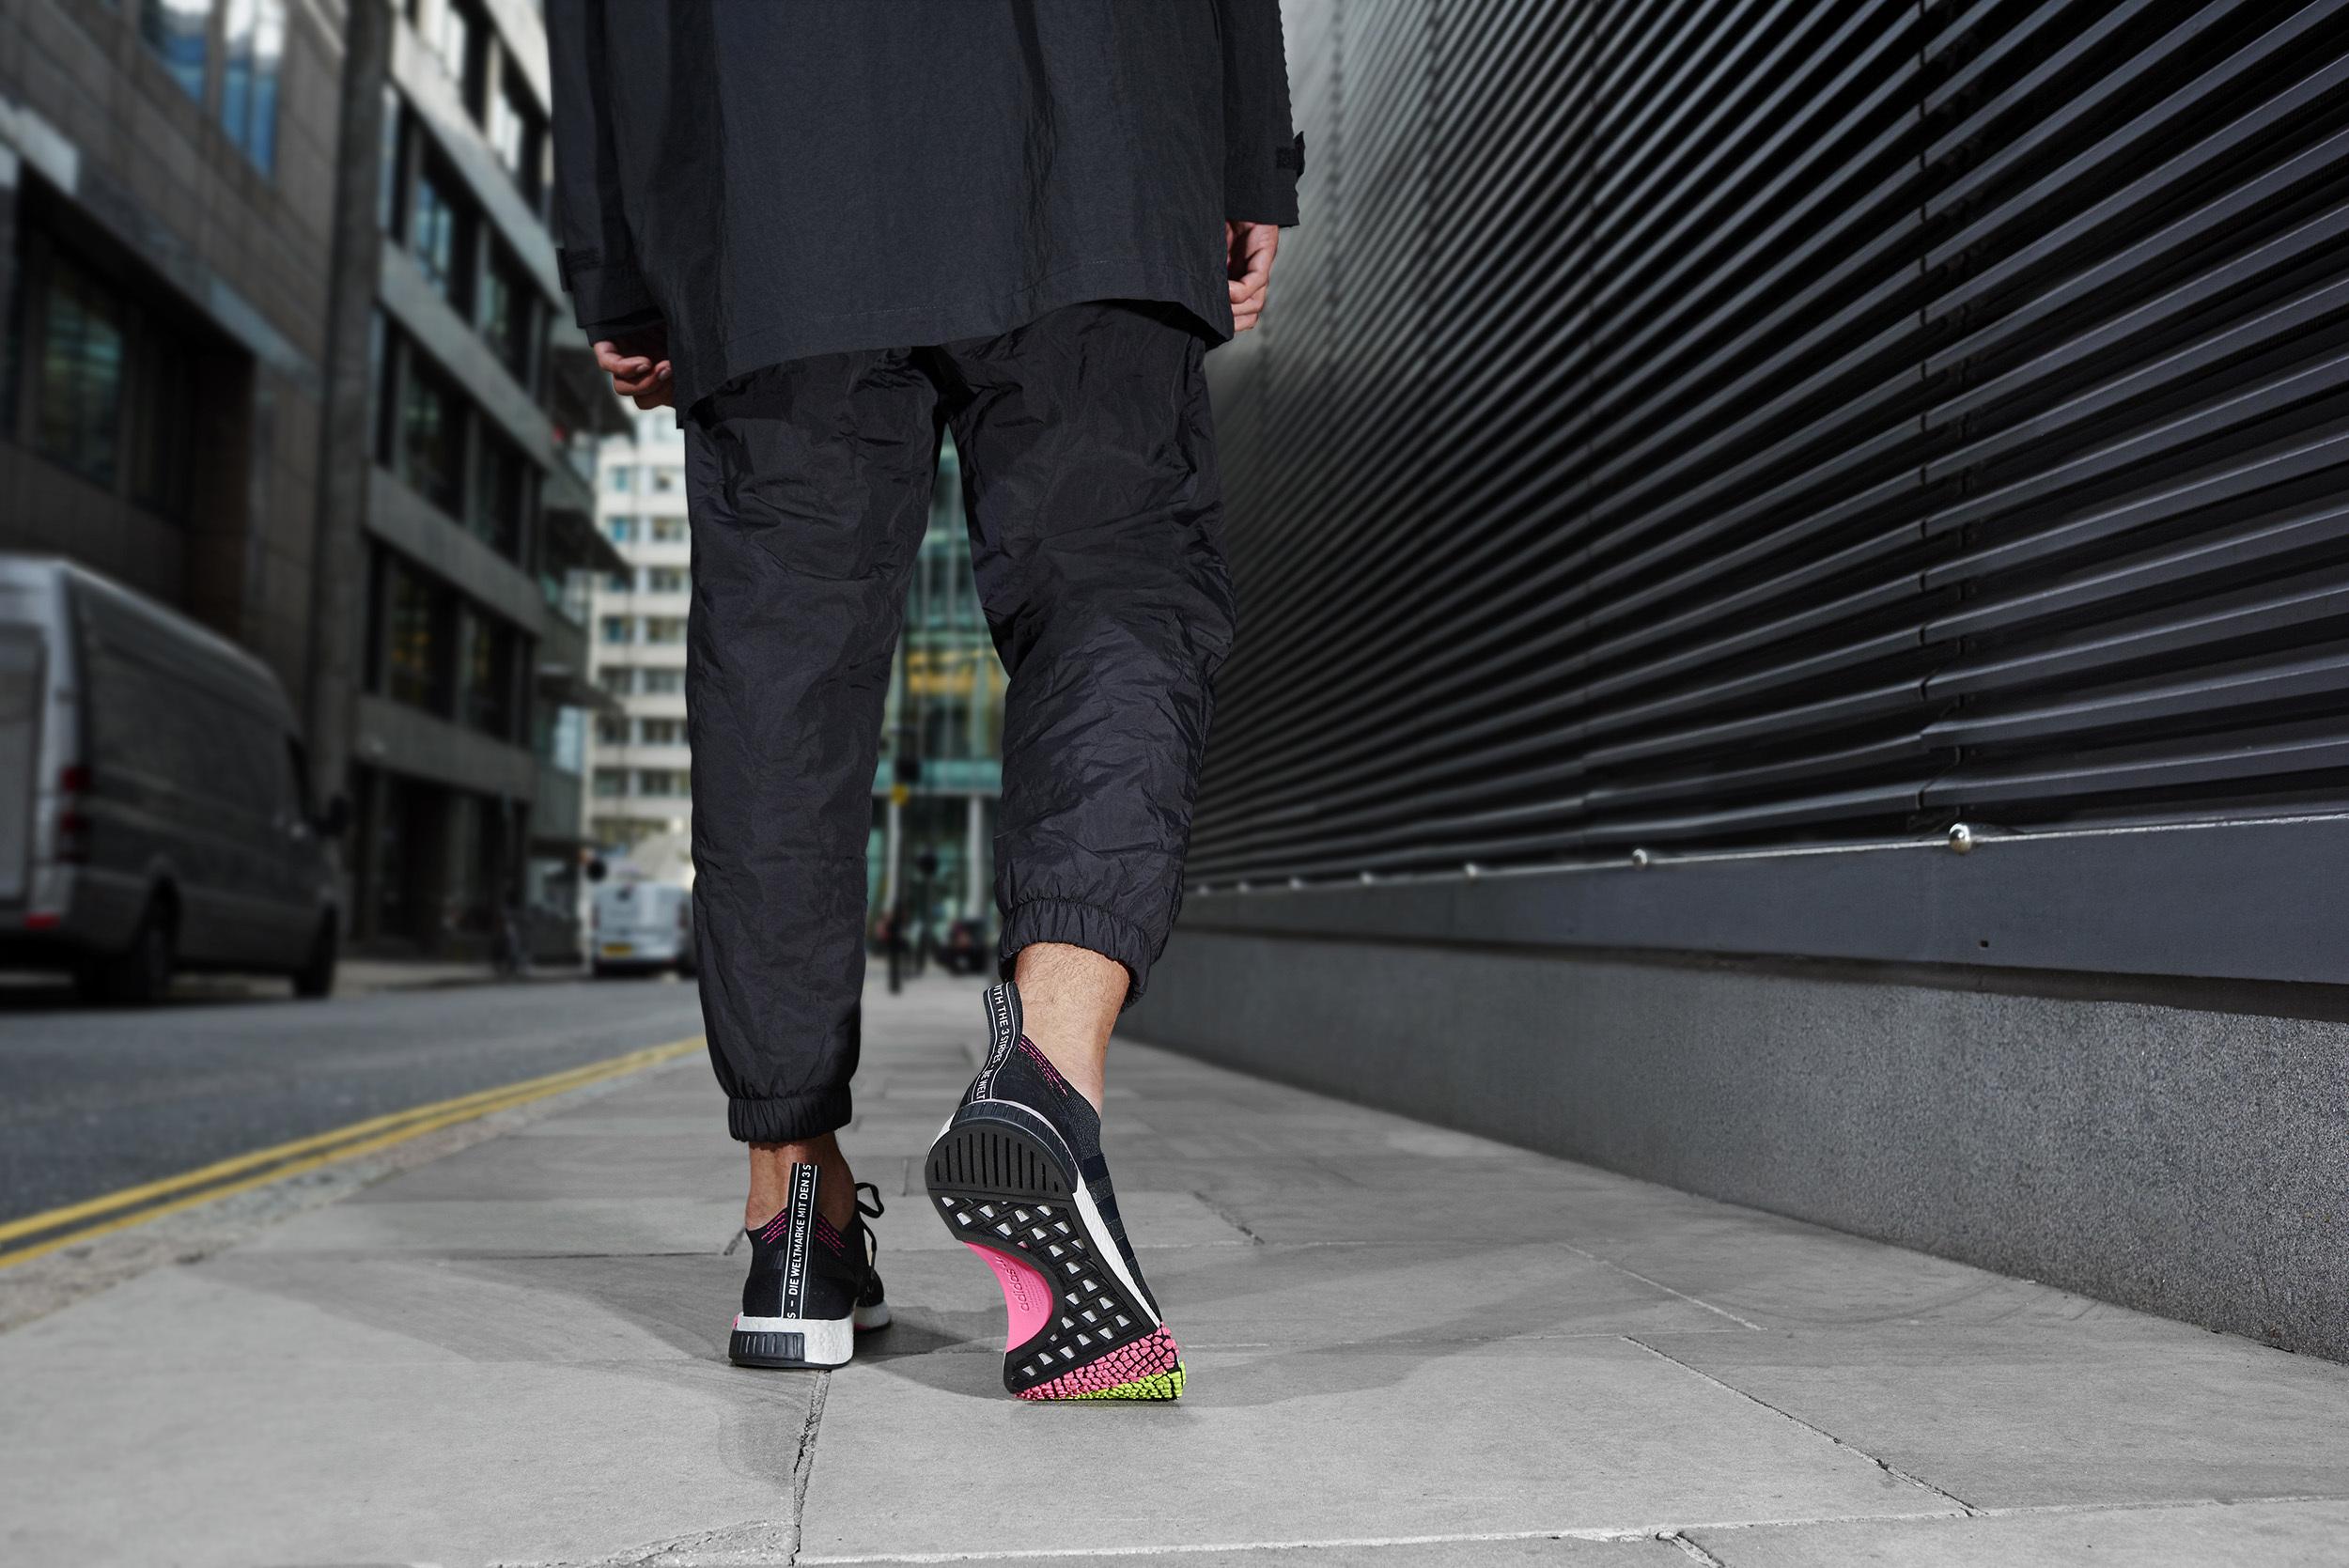 adidas Originalsより新たなシルエット「NMD_RACER」が登場